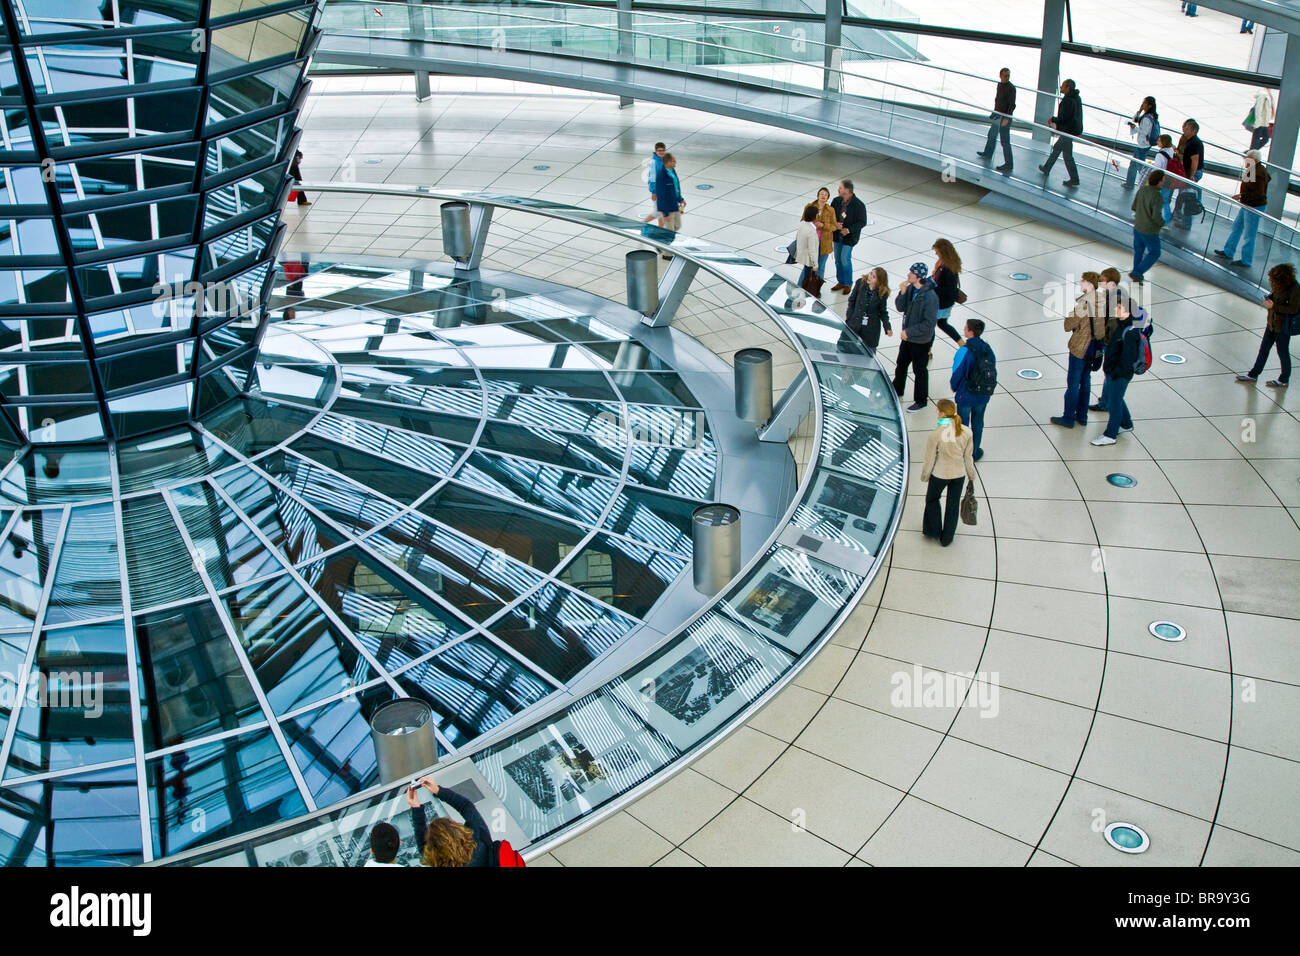 Berlin; Deutschland; Europa; Berliner Reichstag Kopula in der deutschen National-Hauptstadt Berlin Stockbild